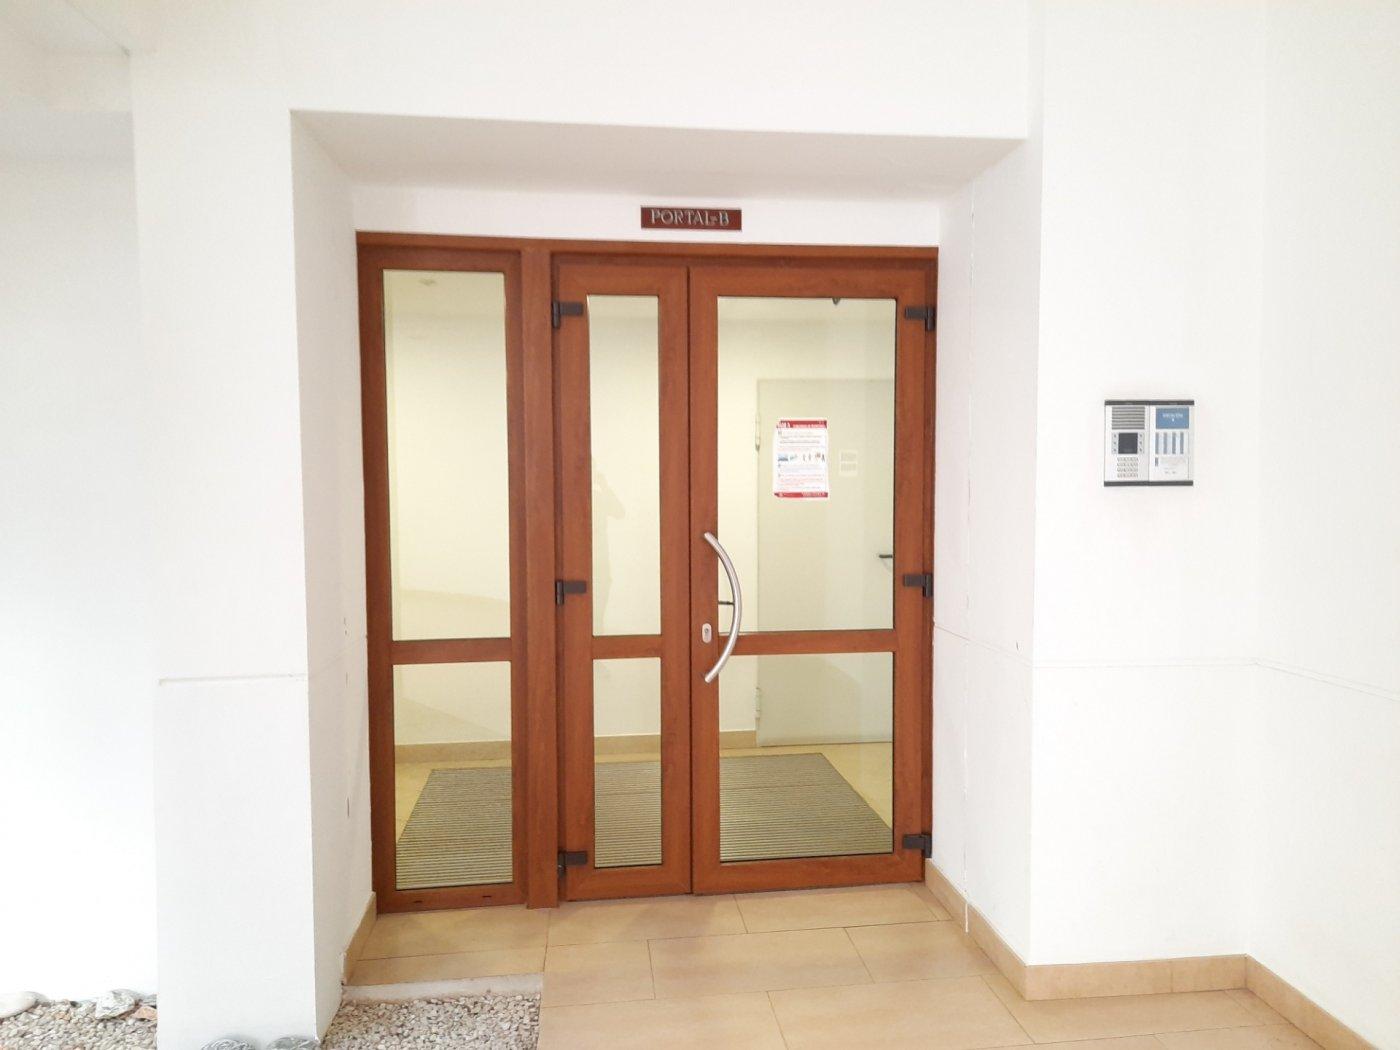 Espacioso piso en altea - imagenInmueble14